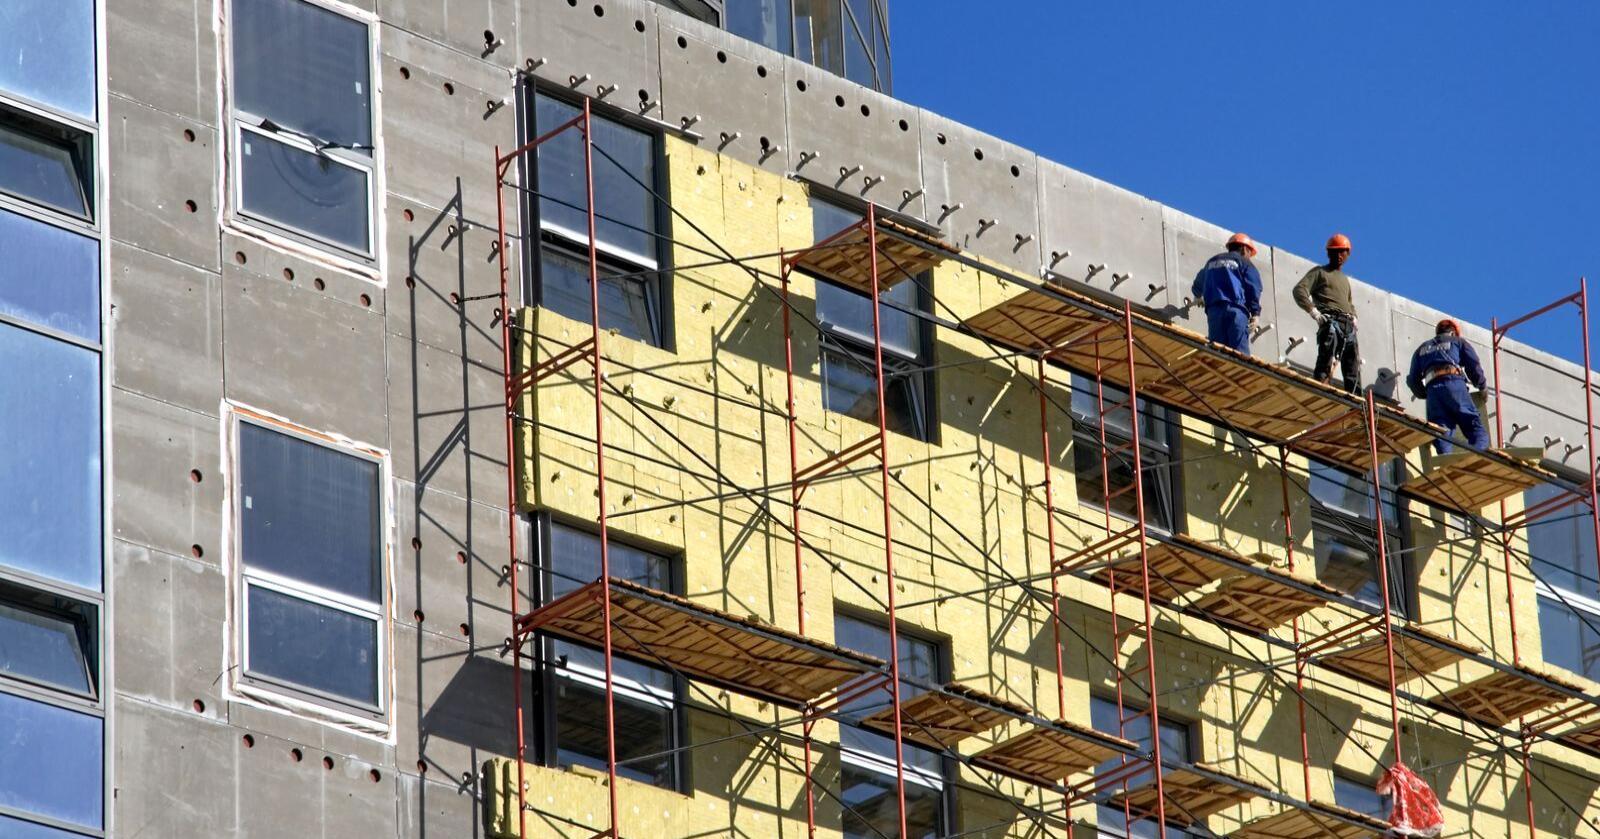 Som Norges største distriktsnæring vil det gi store ringvirkninger på kommuneøkonomien i hele landet dersom ikke byggenæringen får oppdrag, skriver Jon Sandnes. Foto: Mostphotos